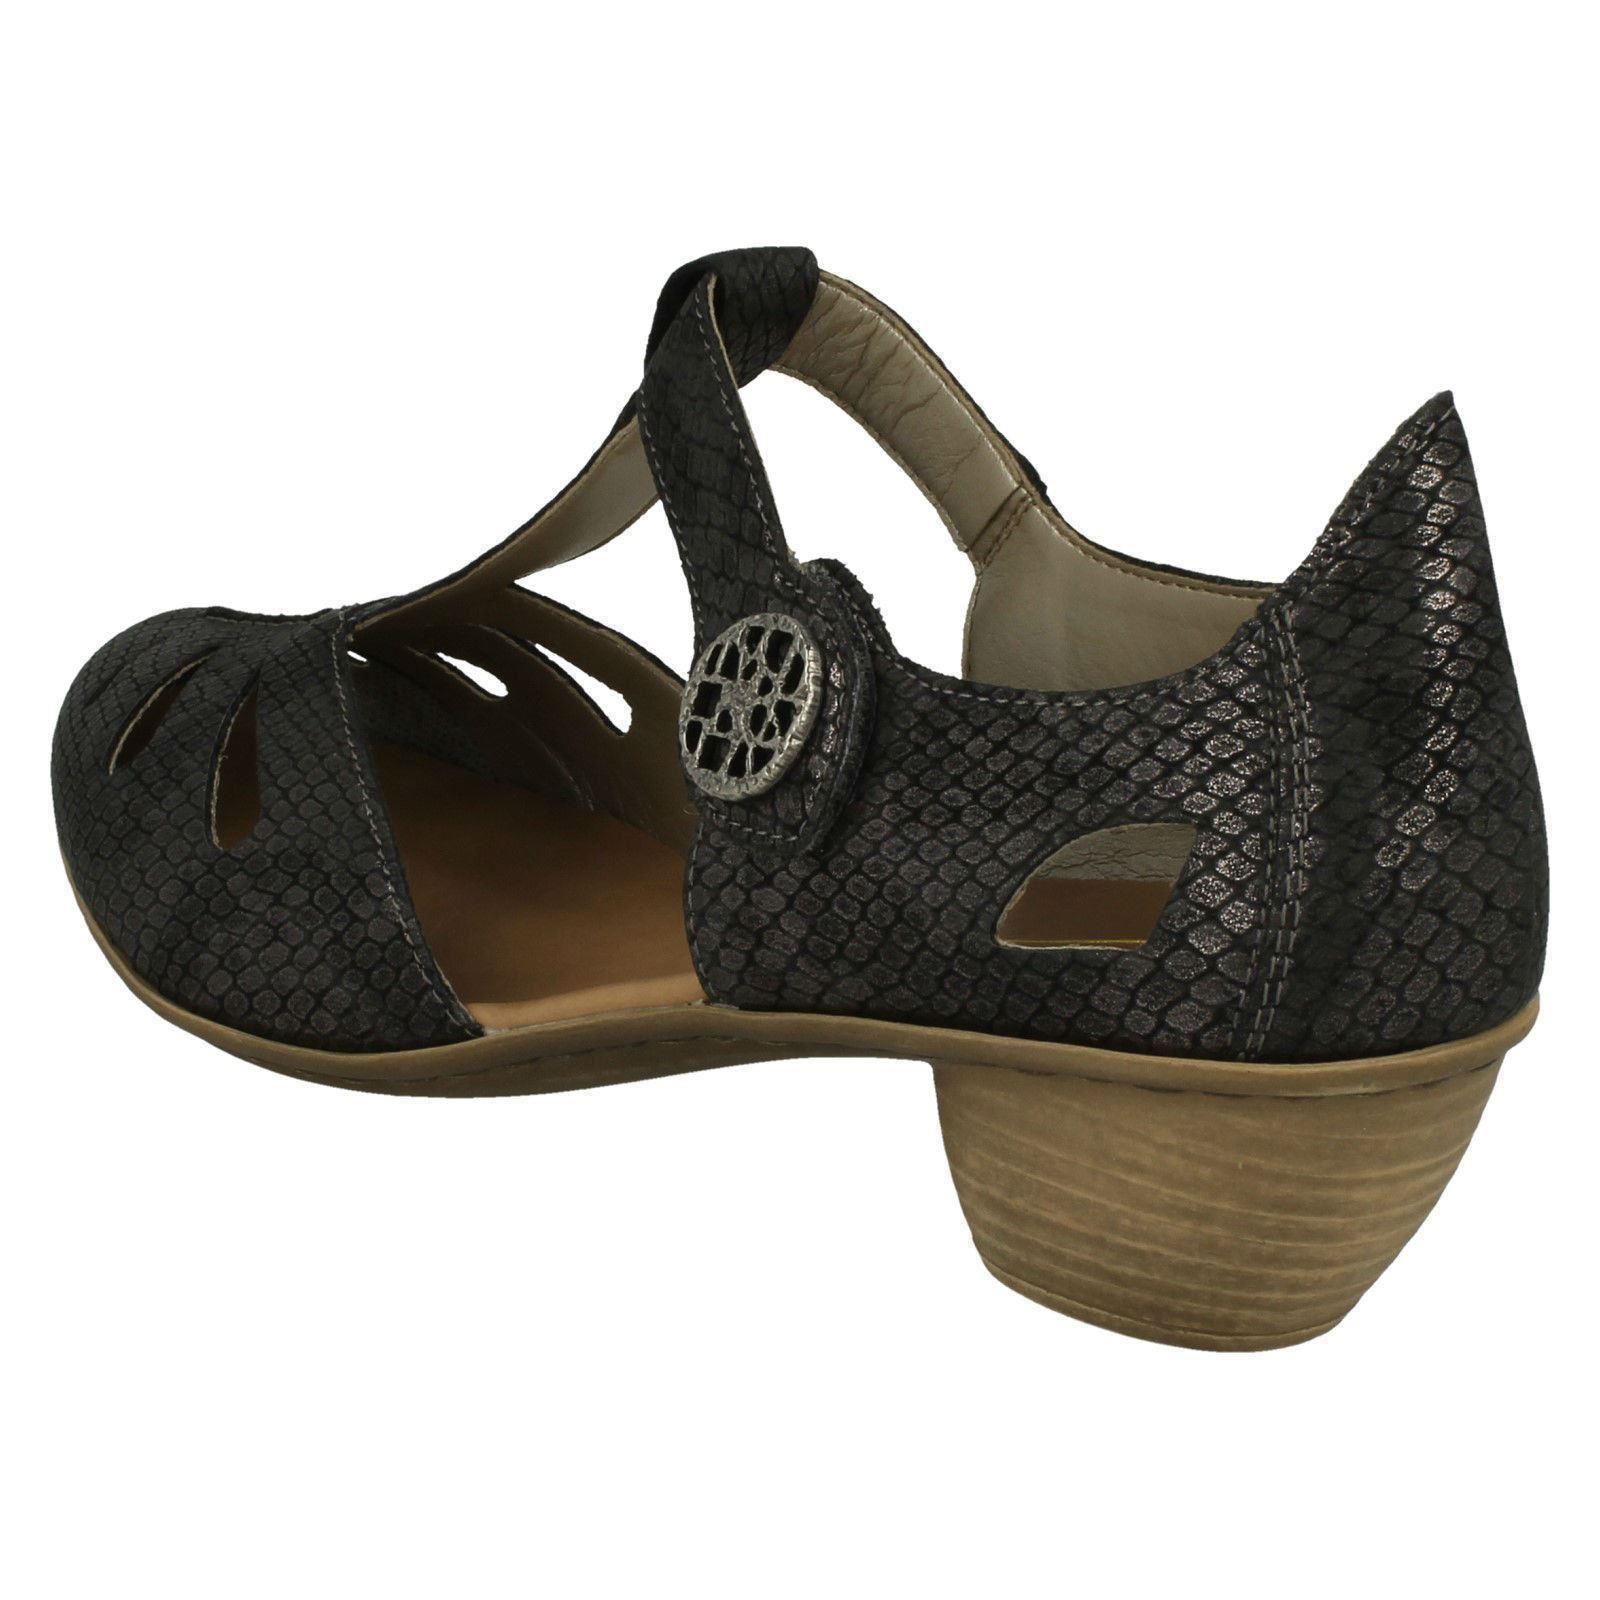 mesdames rieker chaussures 43750 de haute qualité et couleurs couleurs et vives directe des frais généraux a96e36